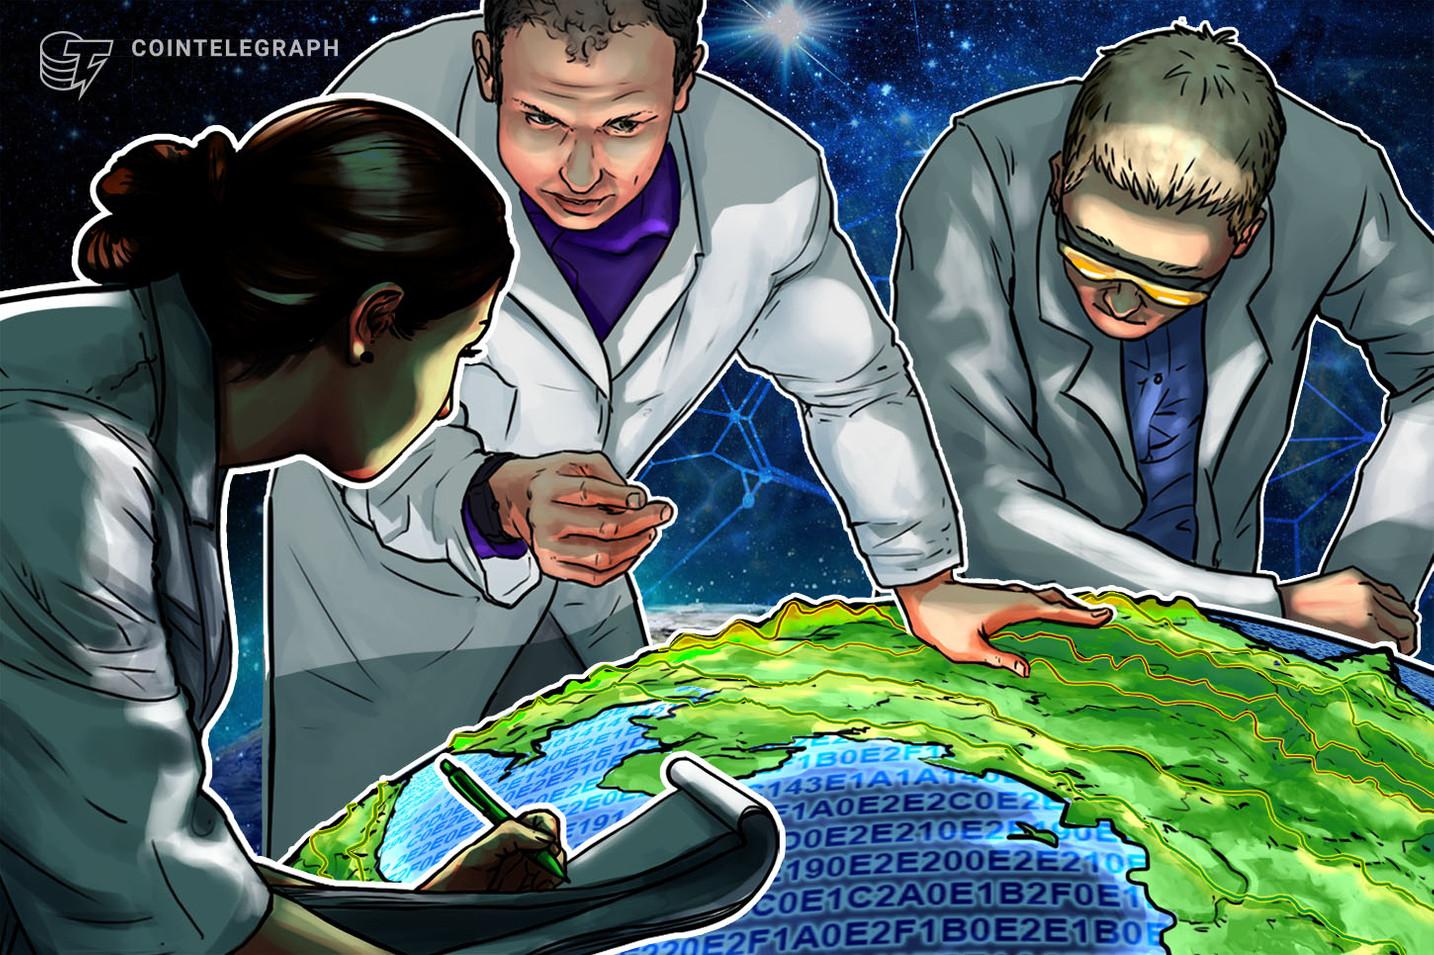 Bitcoin klettert zurück über 9.300 US-Dollar, Kryptomärkte legen insgesamt zu